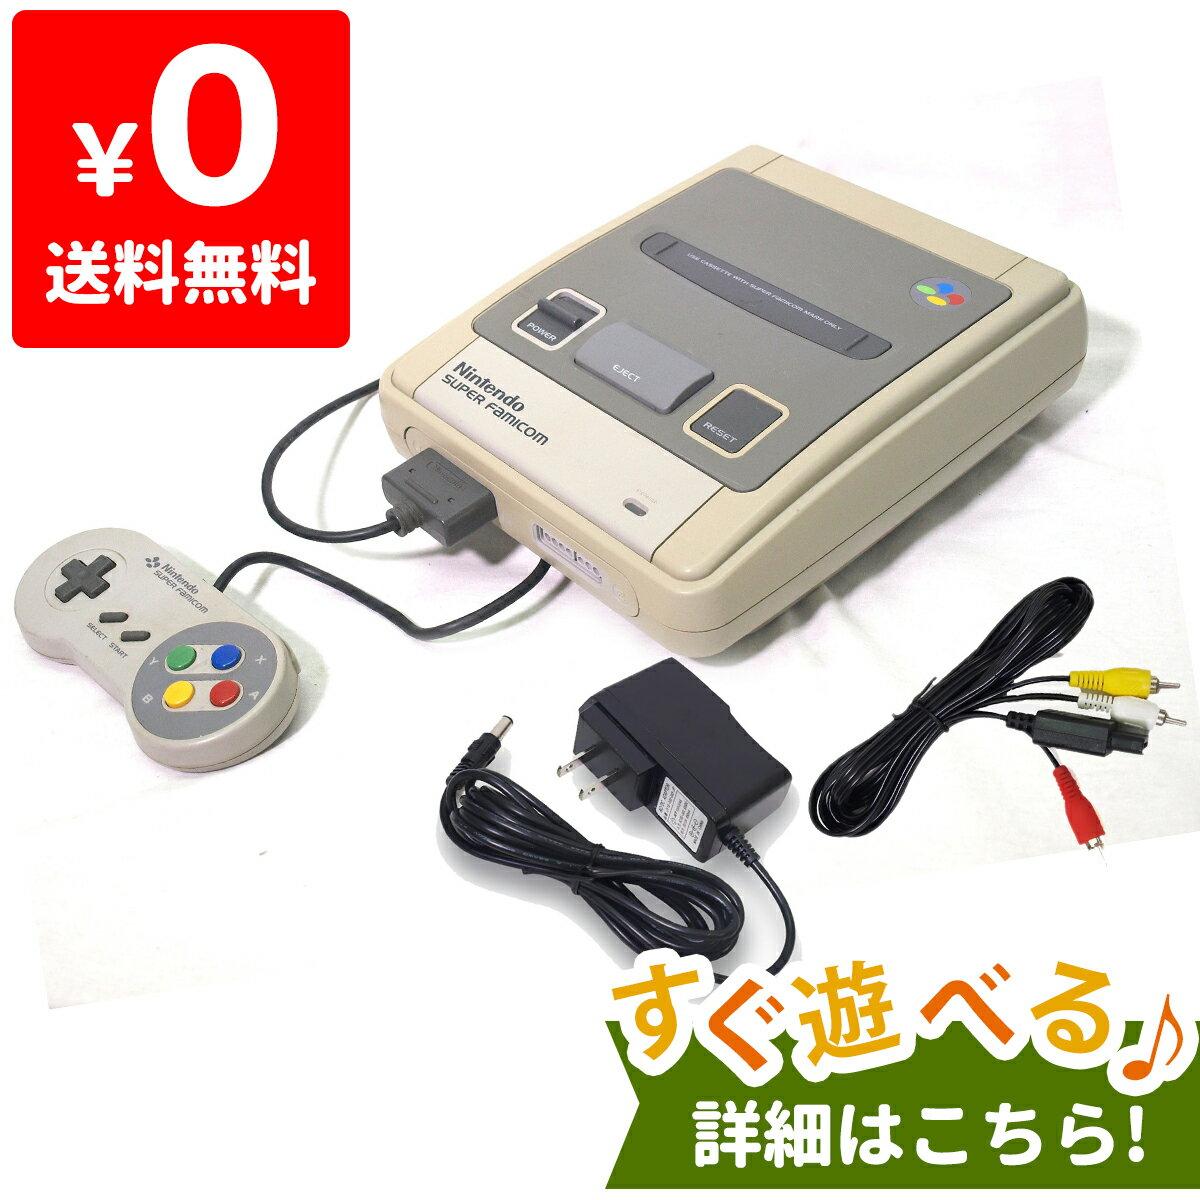 スーパーファミコン SFC スーファミ 本体 中古 すぐに遊べるセット Nintendo 任天堂 ニンテンドー 4902370501148 送料無料